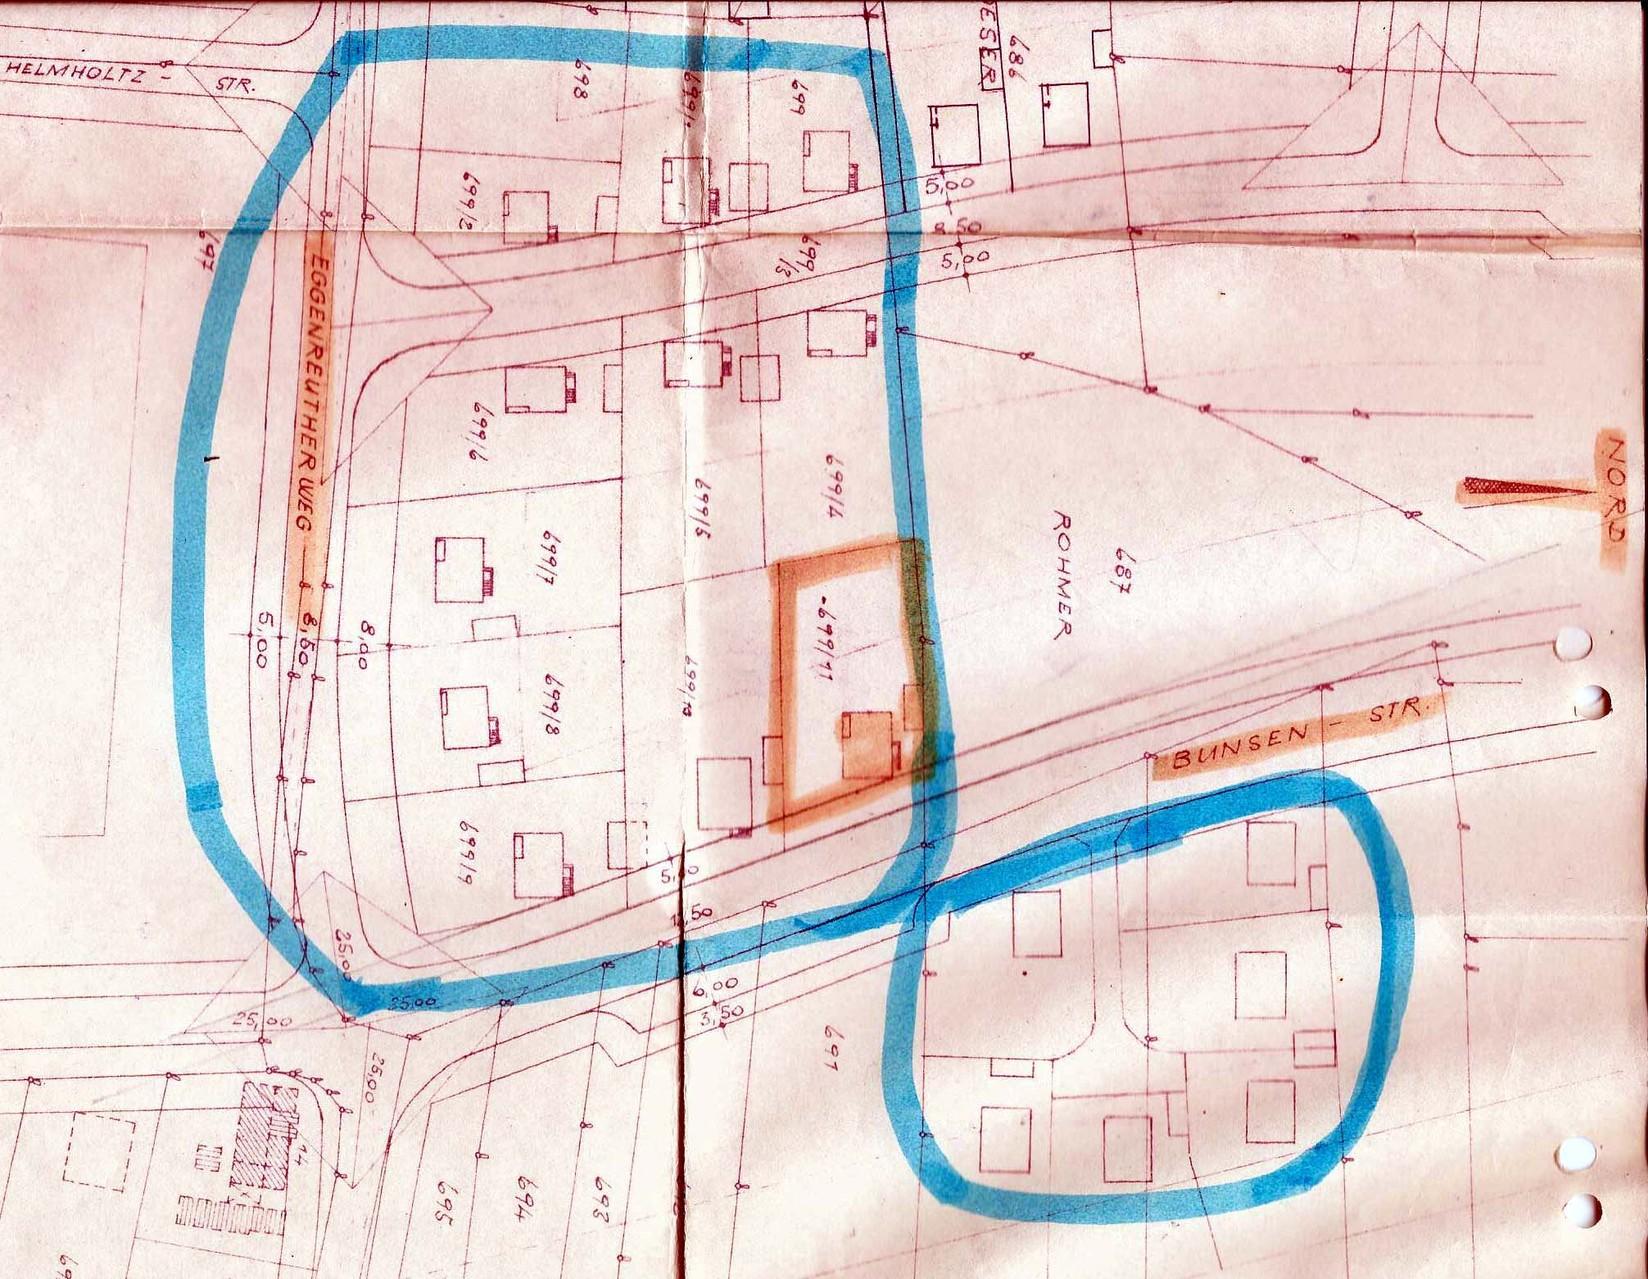 Grundstücks-Lageplan des Siedlungsareals im Osten Brucks. Blau umrandet: das Neubaugebiet der 17 Siedlerhäuser. Orange markiert: unser Eckgrundstück und Haus